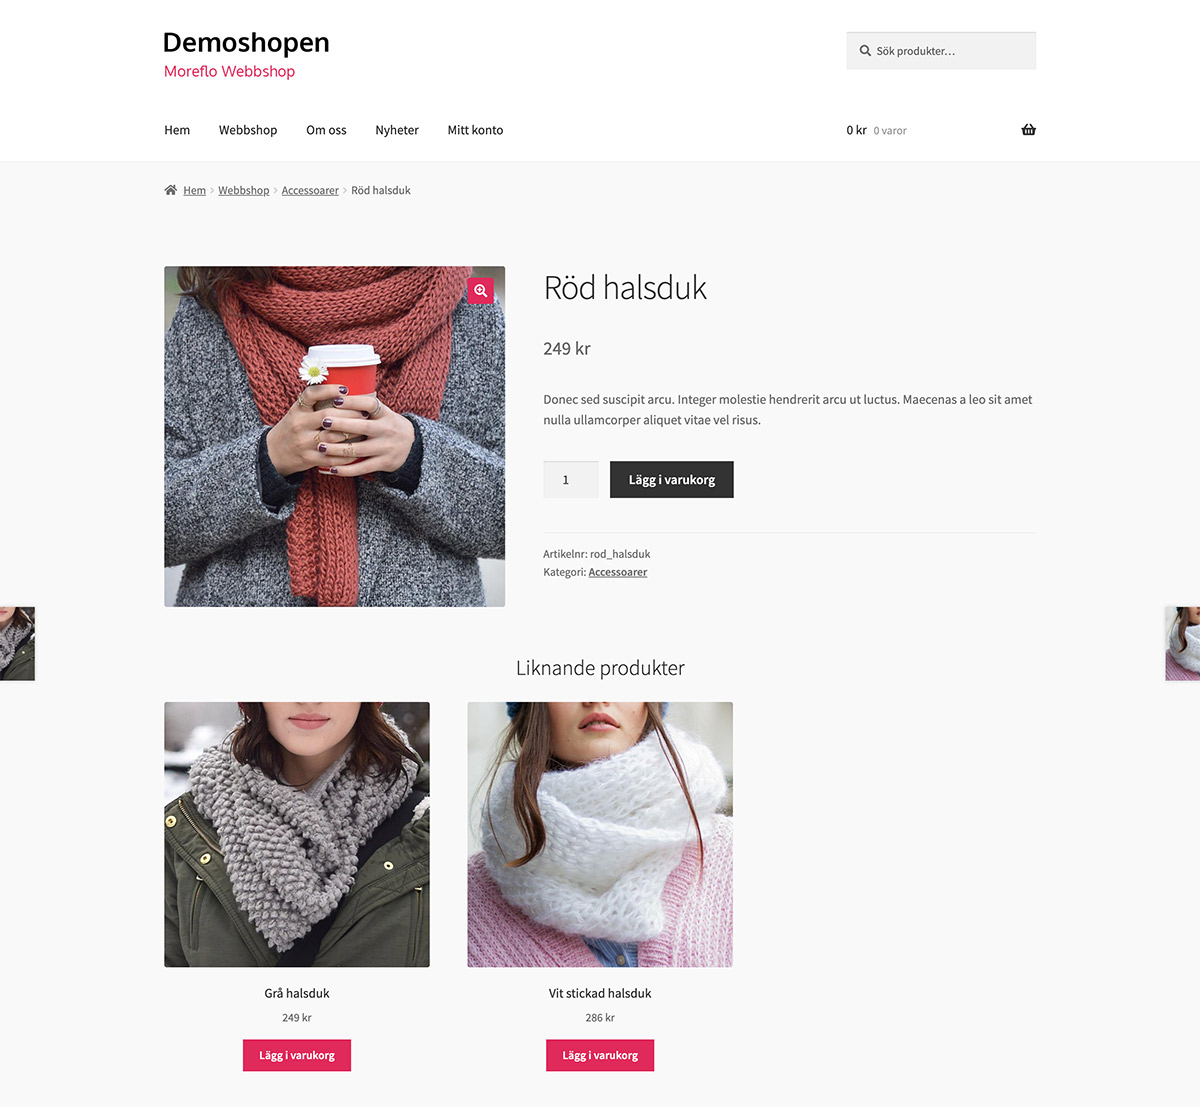 MoreFlo Webbshop - Produktsida